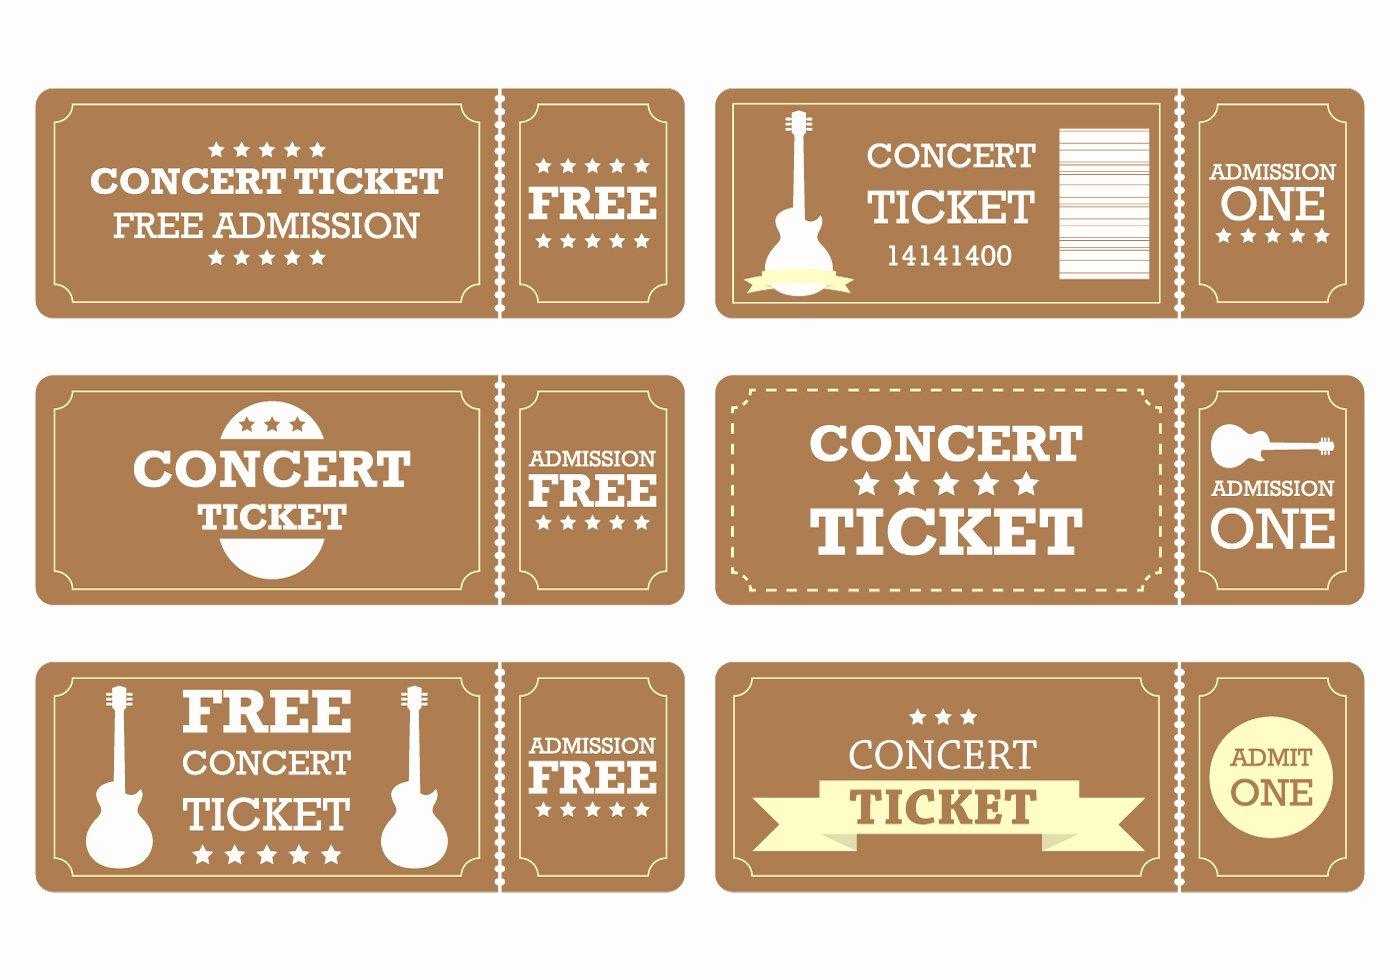 Concert Ticket Template Word Elegant Brown Ticket Download Free Vector Art Stock Graphics